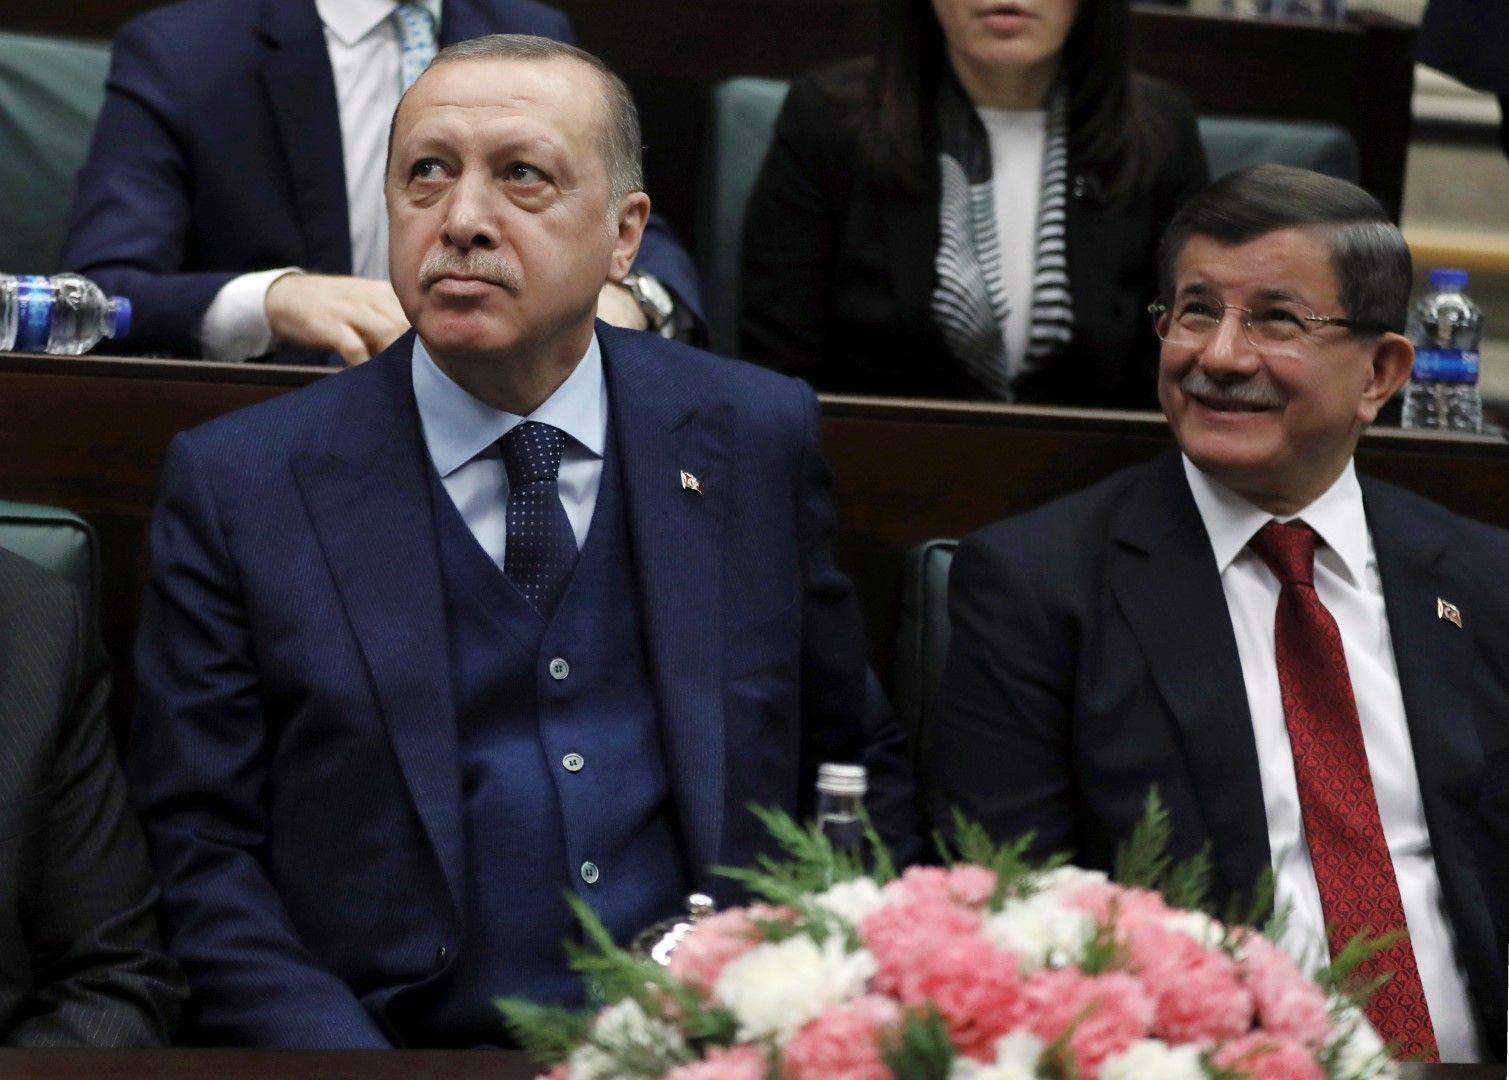 Реджеп Тайип Ердоган и Ахмет Давутоглу - на 30 януари 2018 г., когато Давутоглу беше премиер